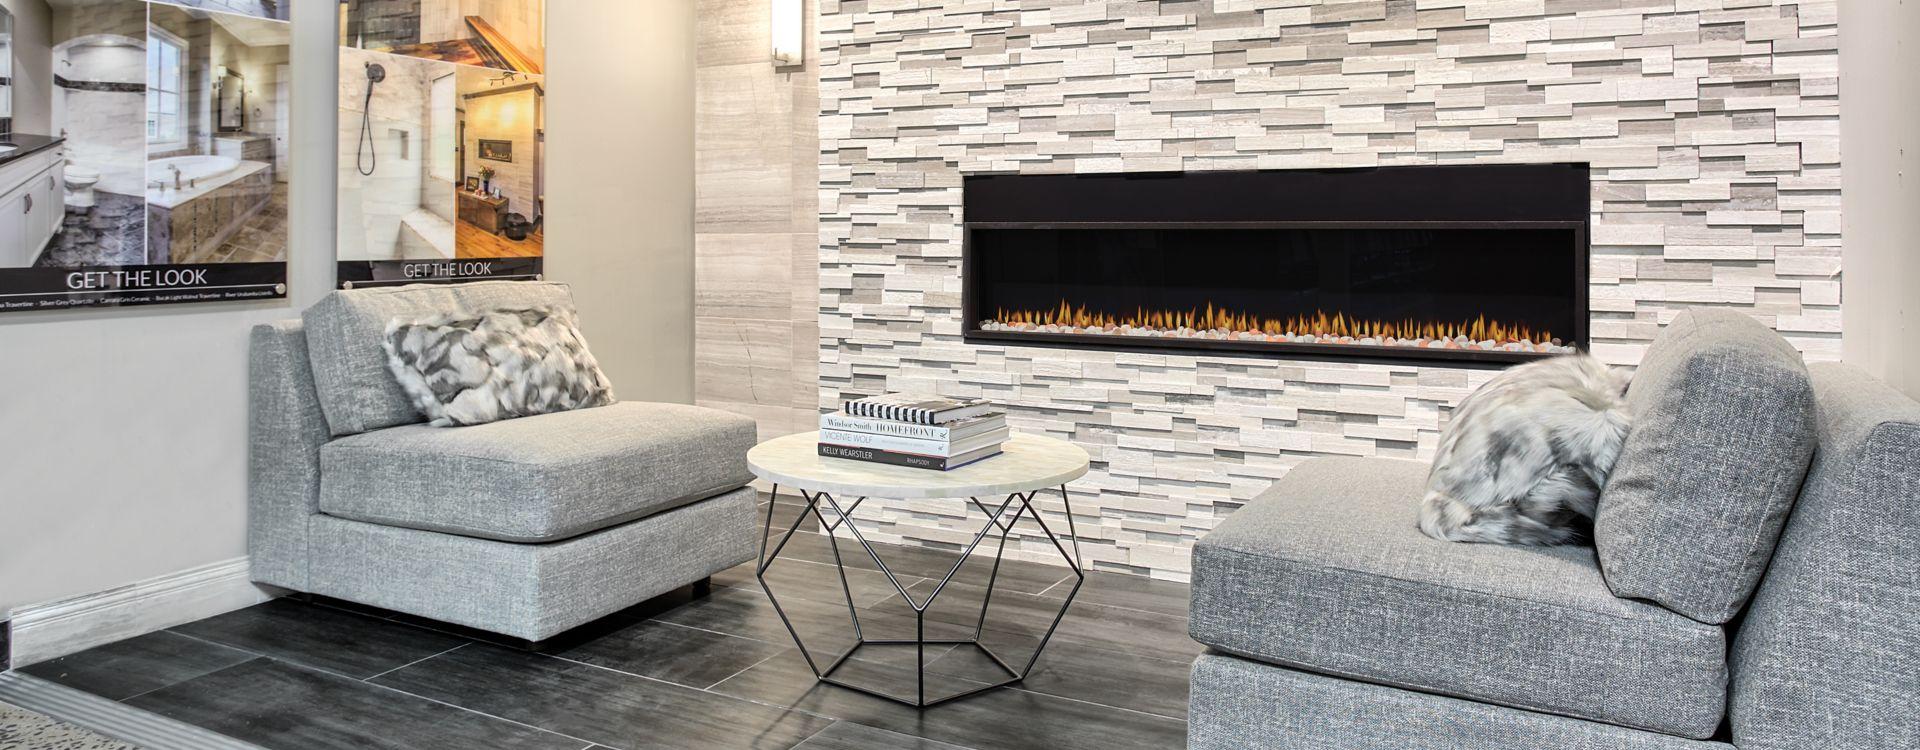 stone backsplash tiles in living room.